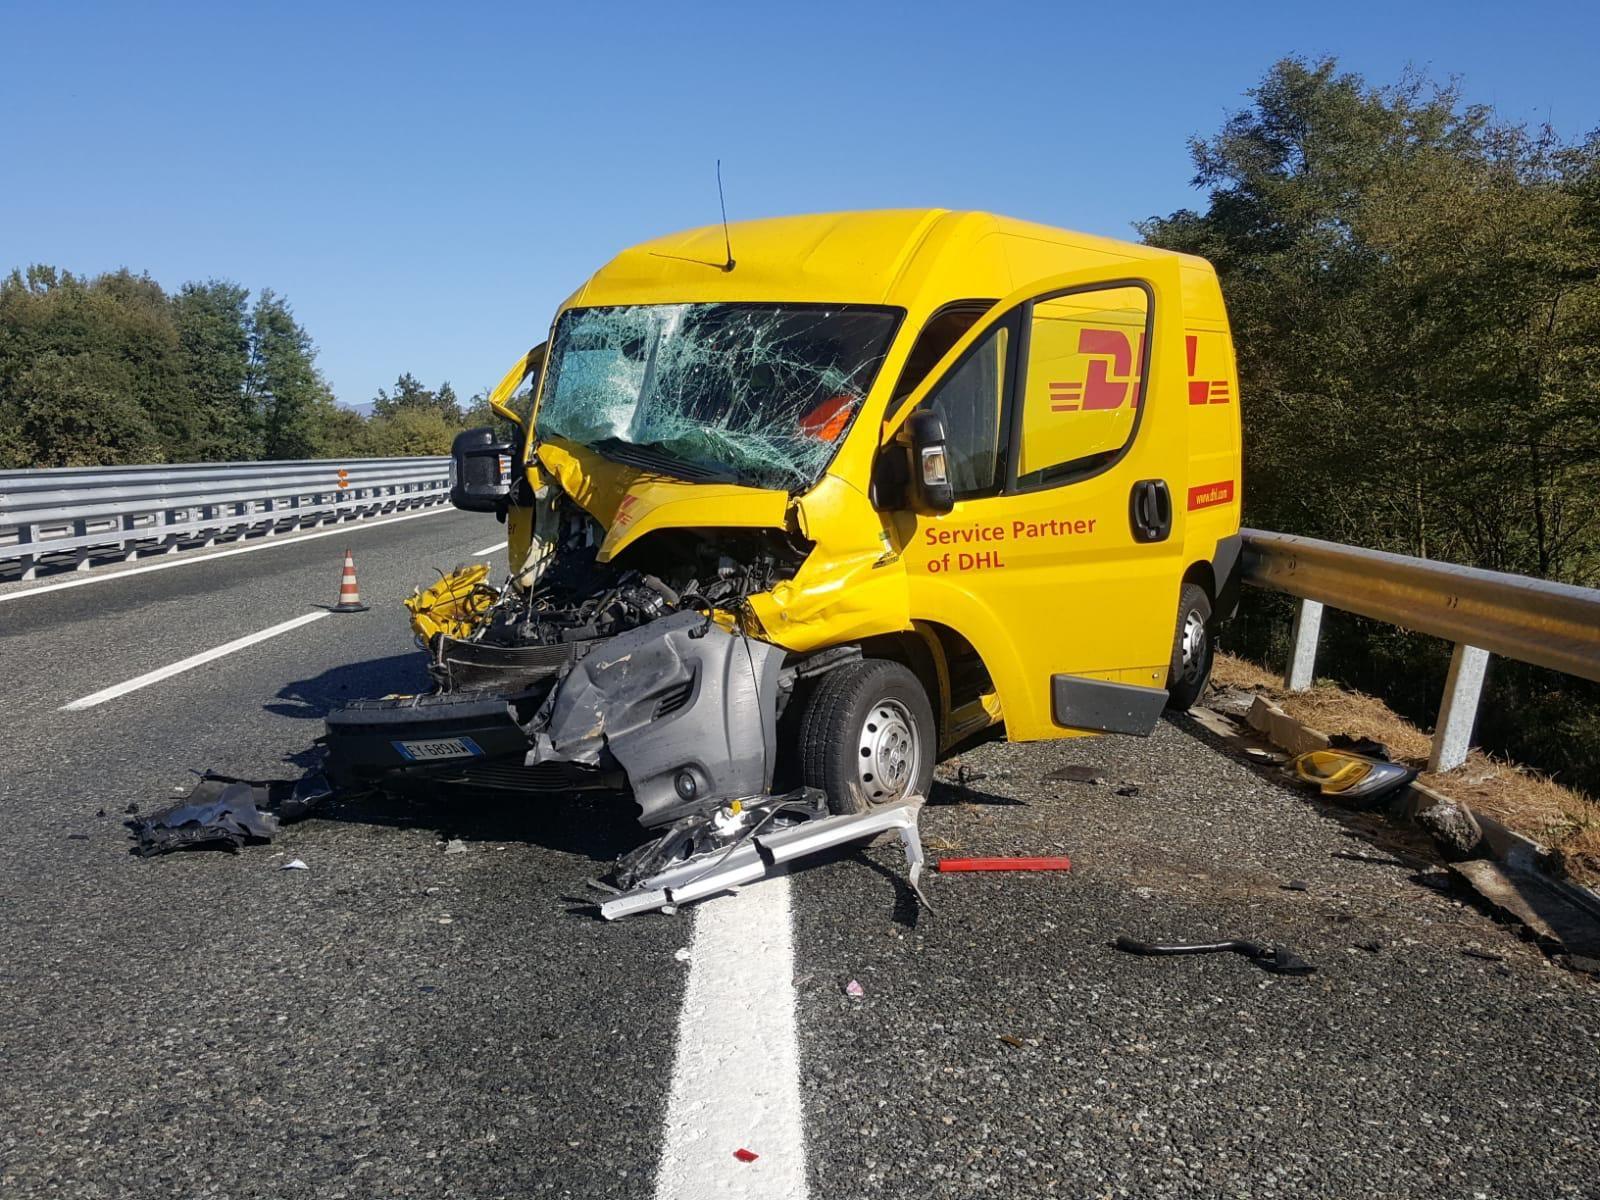 SAN GIORGIO - Schianto in autostrada: ferito autista furgone - FOTO